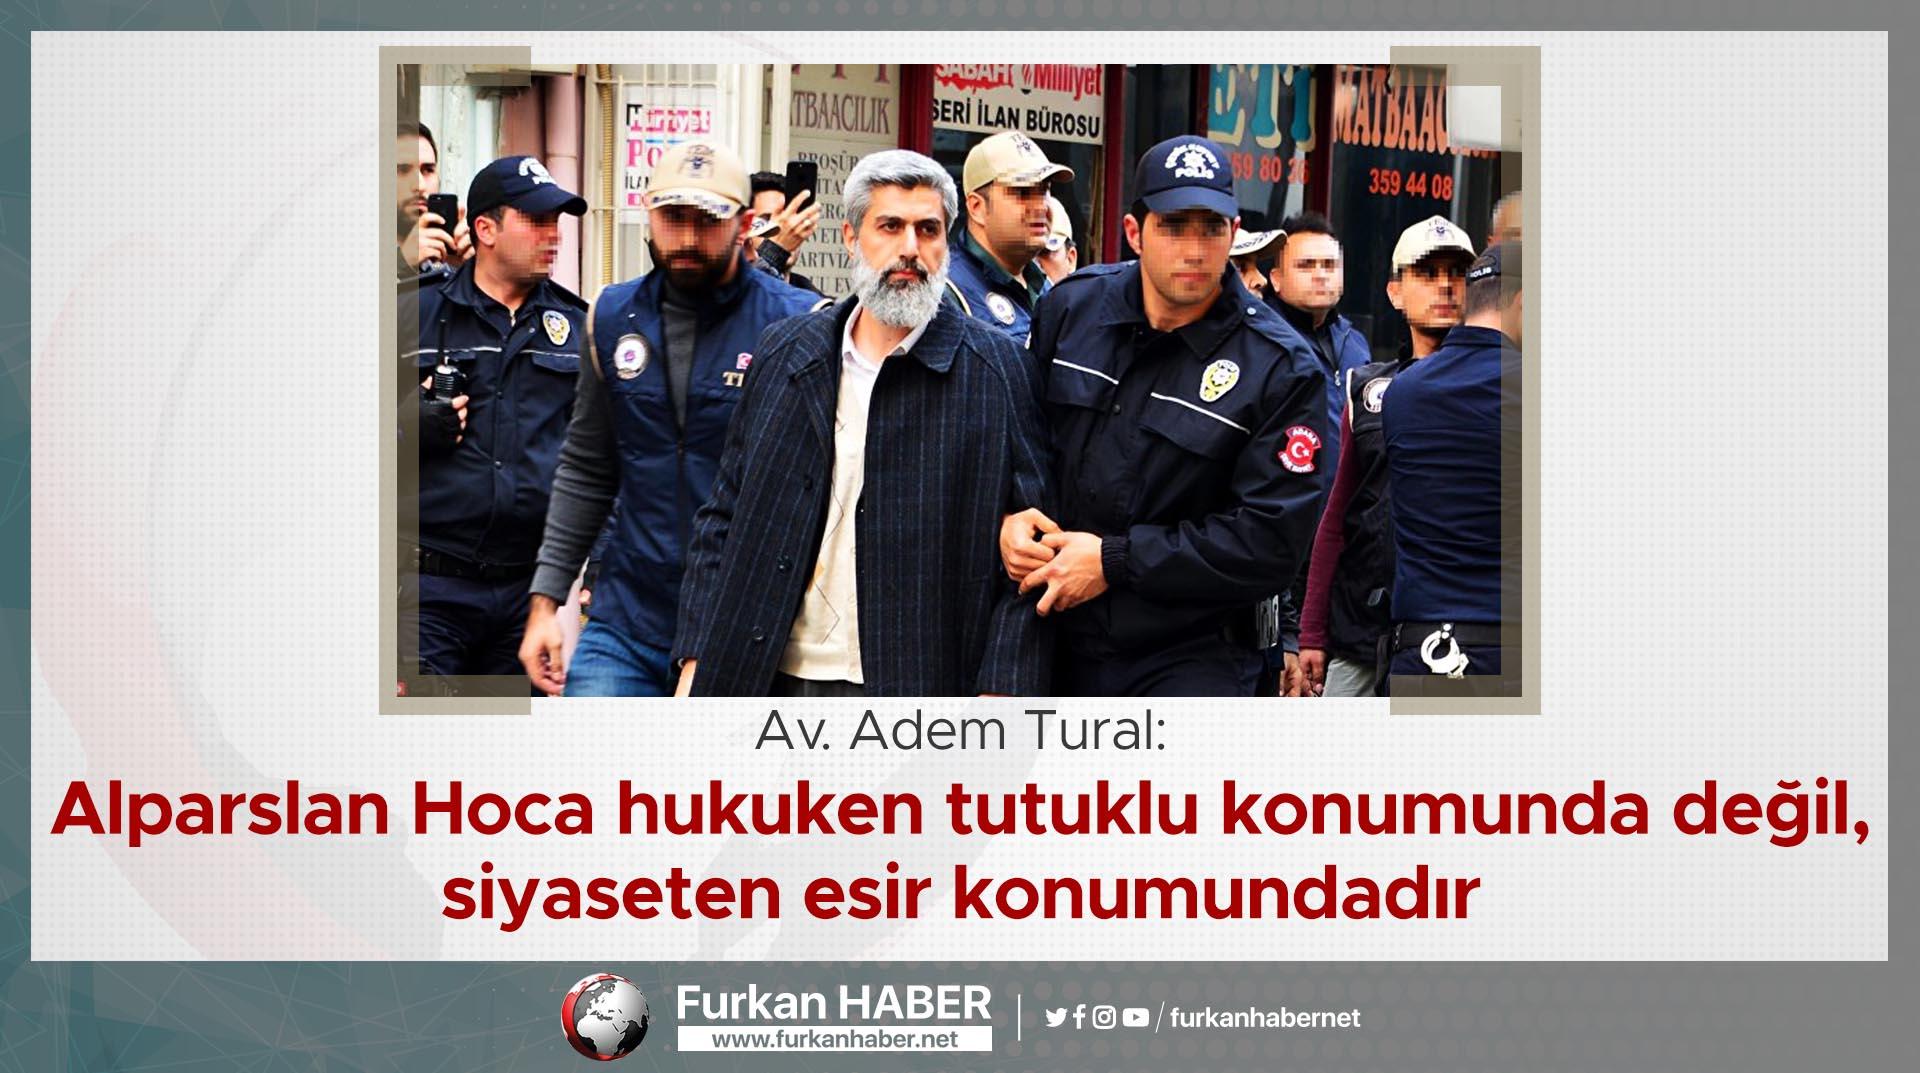 Av. Adem Tural: Alparslan Hoca hukuken tutuklu konumunda değil, siyaseten esir konumundadır